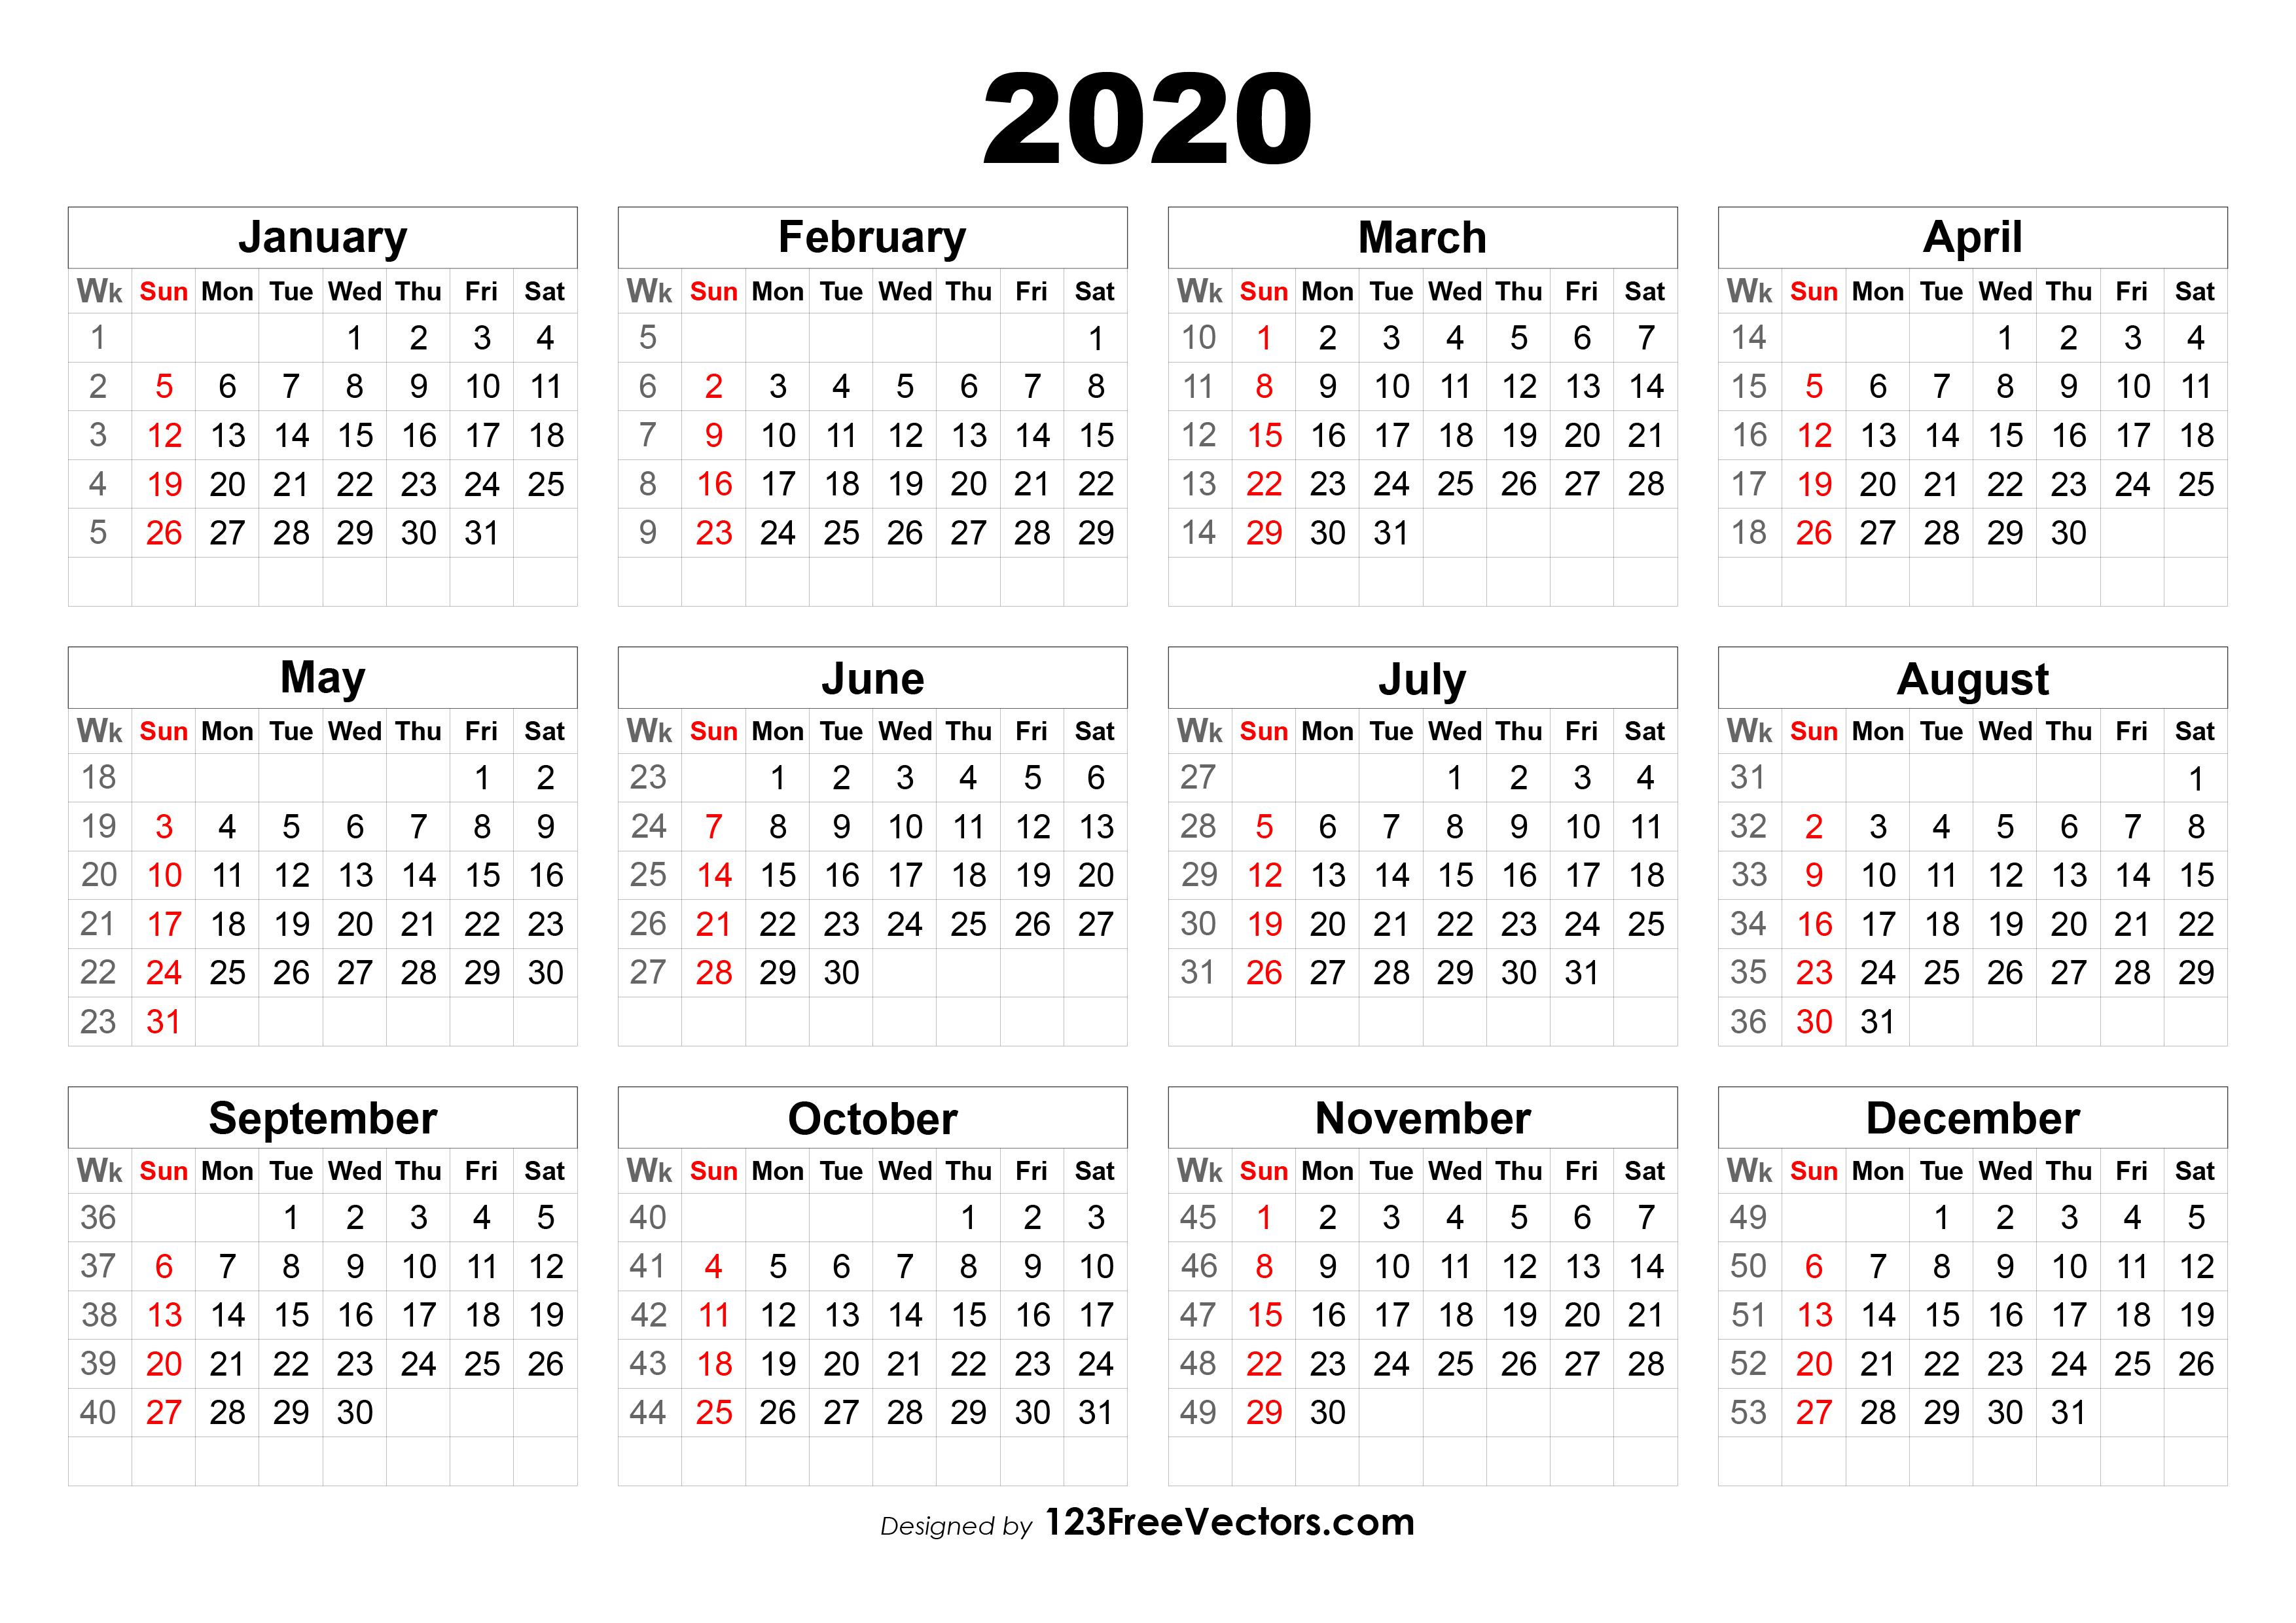 2020 Calendar With Week Numbers